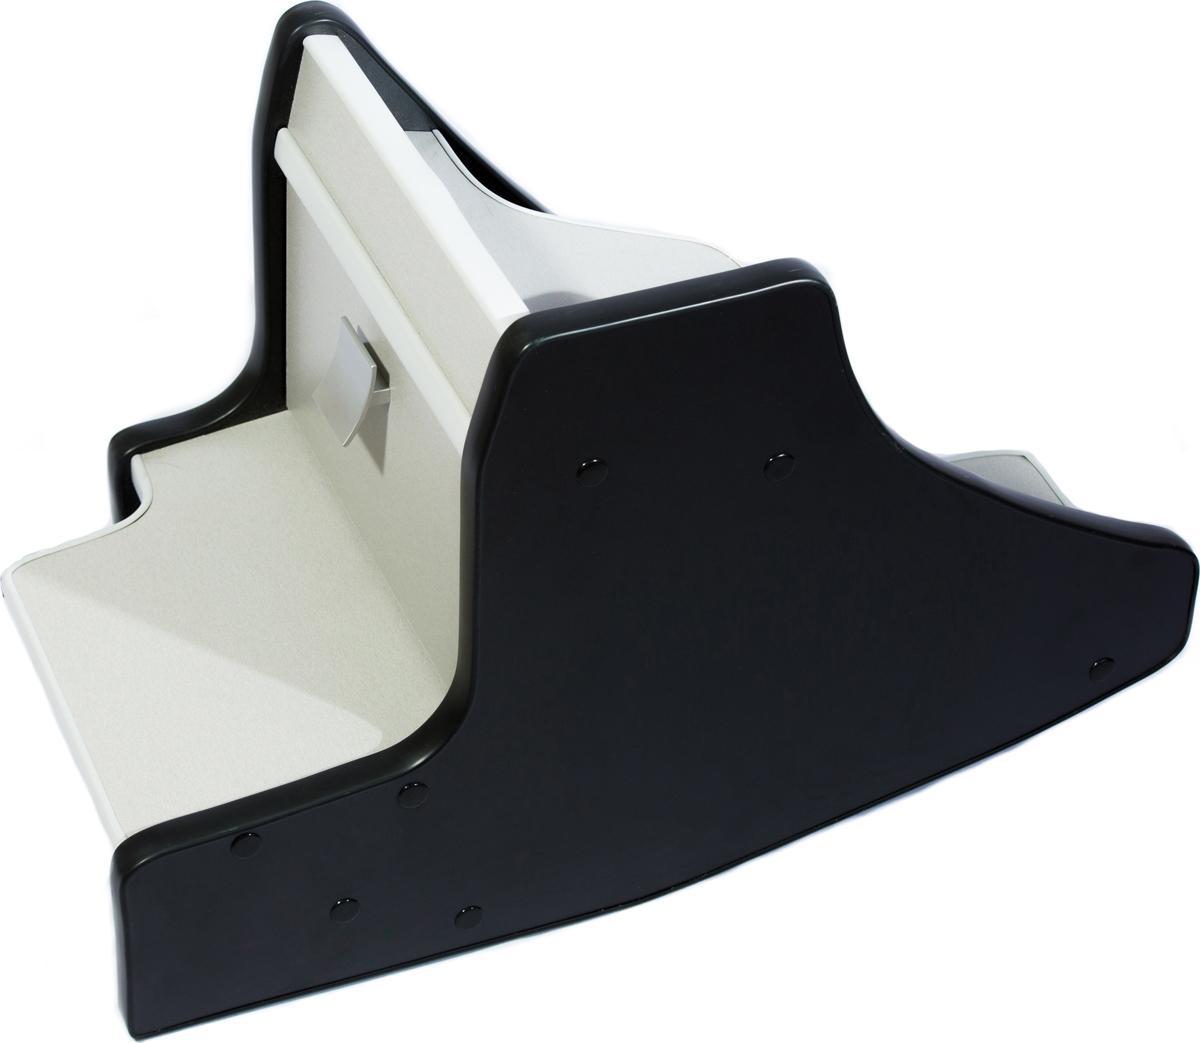 Консоль в авто АвтоБлюз для ГАЗель NEXT, ГР02810, ручка КПП на панели , серый противоугонные средства авто